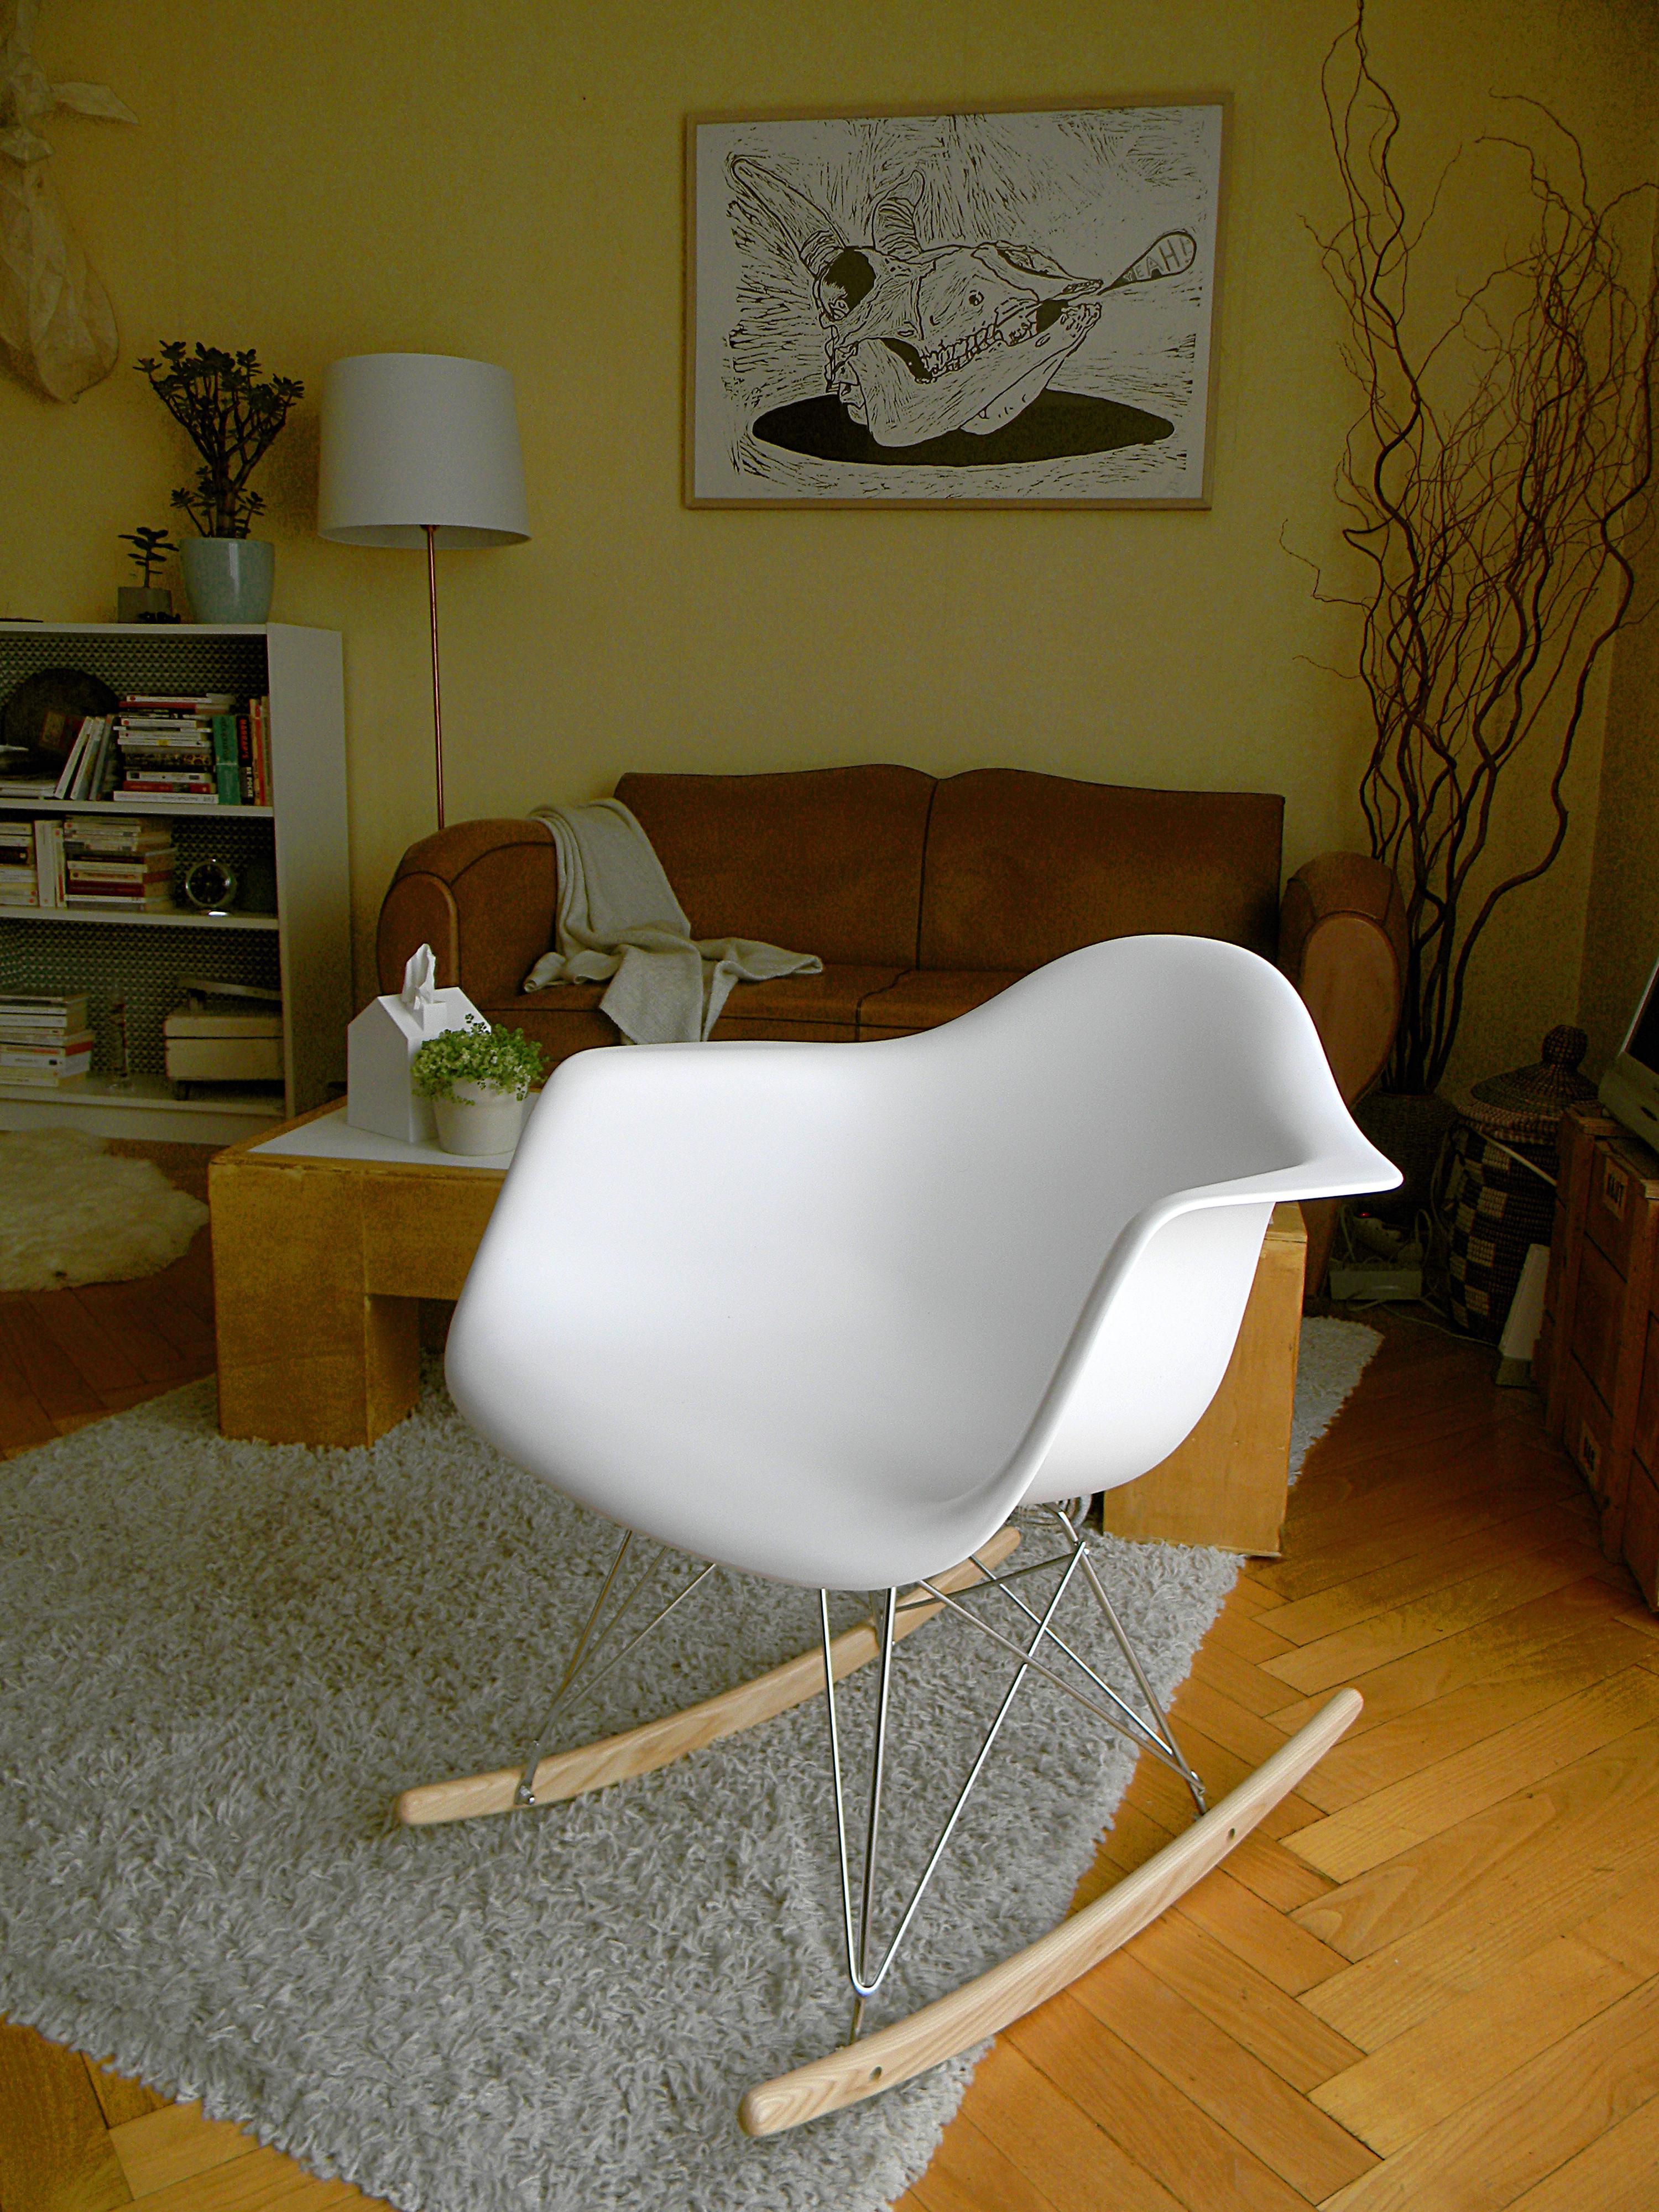 shopping mon fauteuil rar style eames l 39 appt 41 a rennes une d coration d 39 int rieur. Black Bedroom Furniture Sets. Home Design Ideas